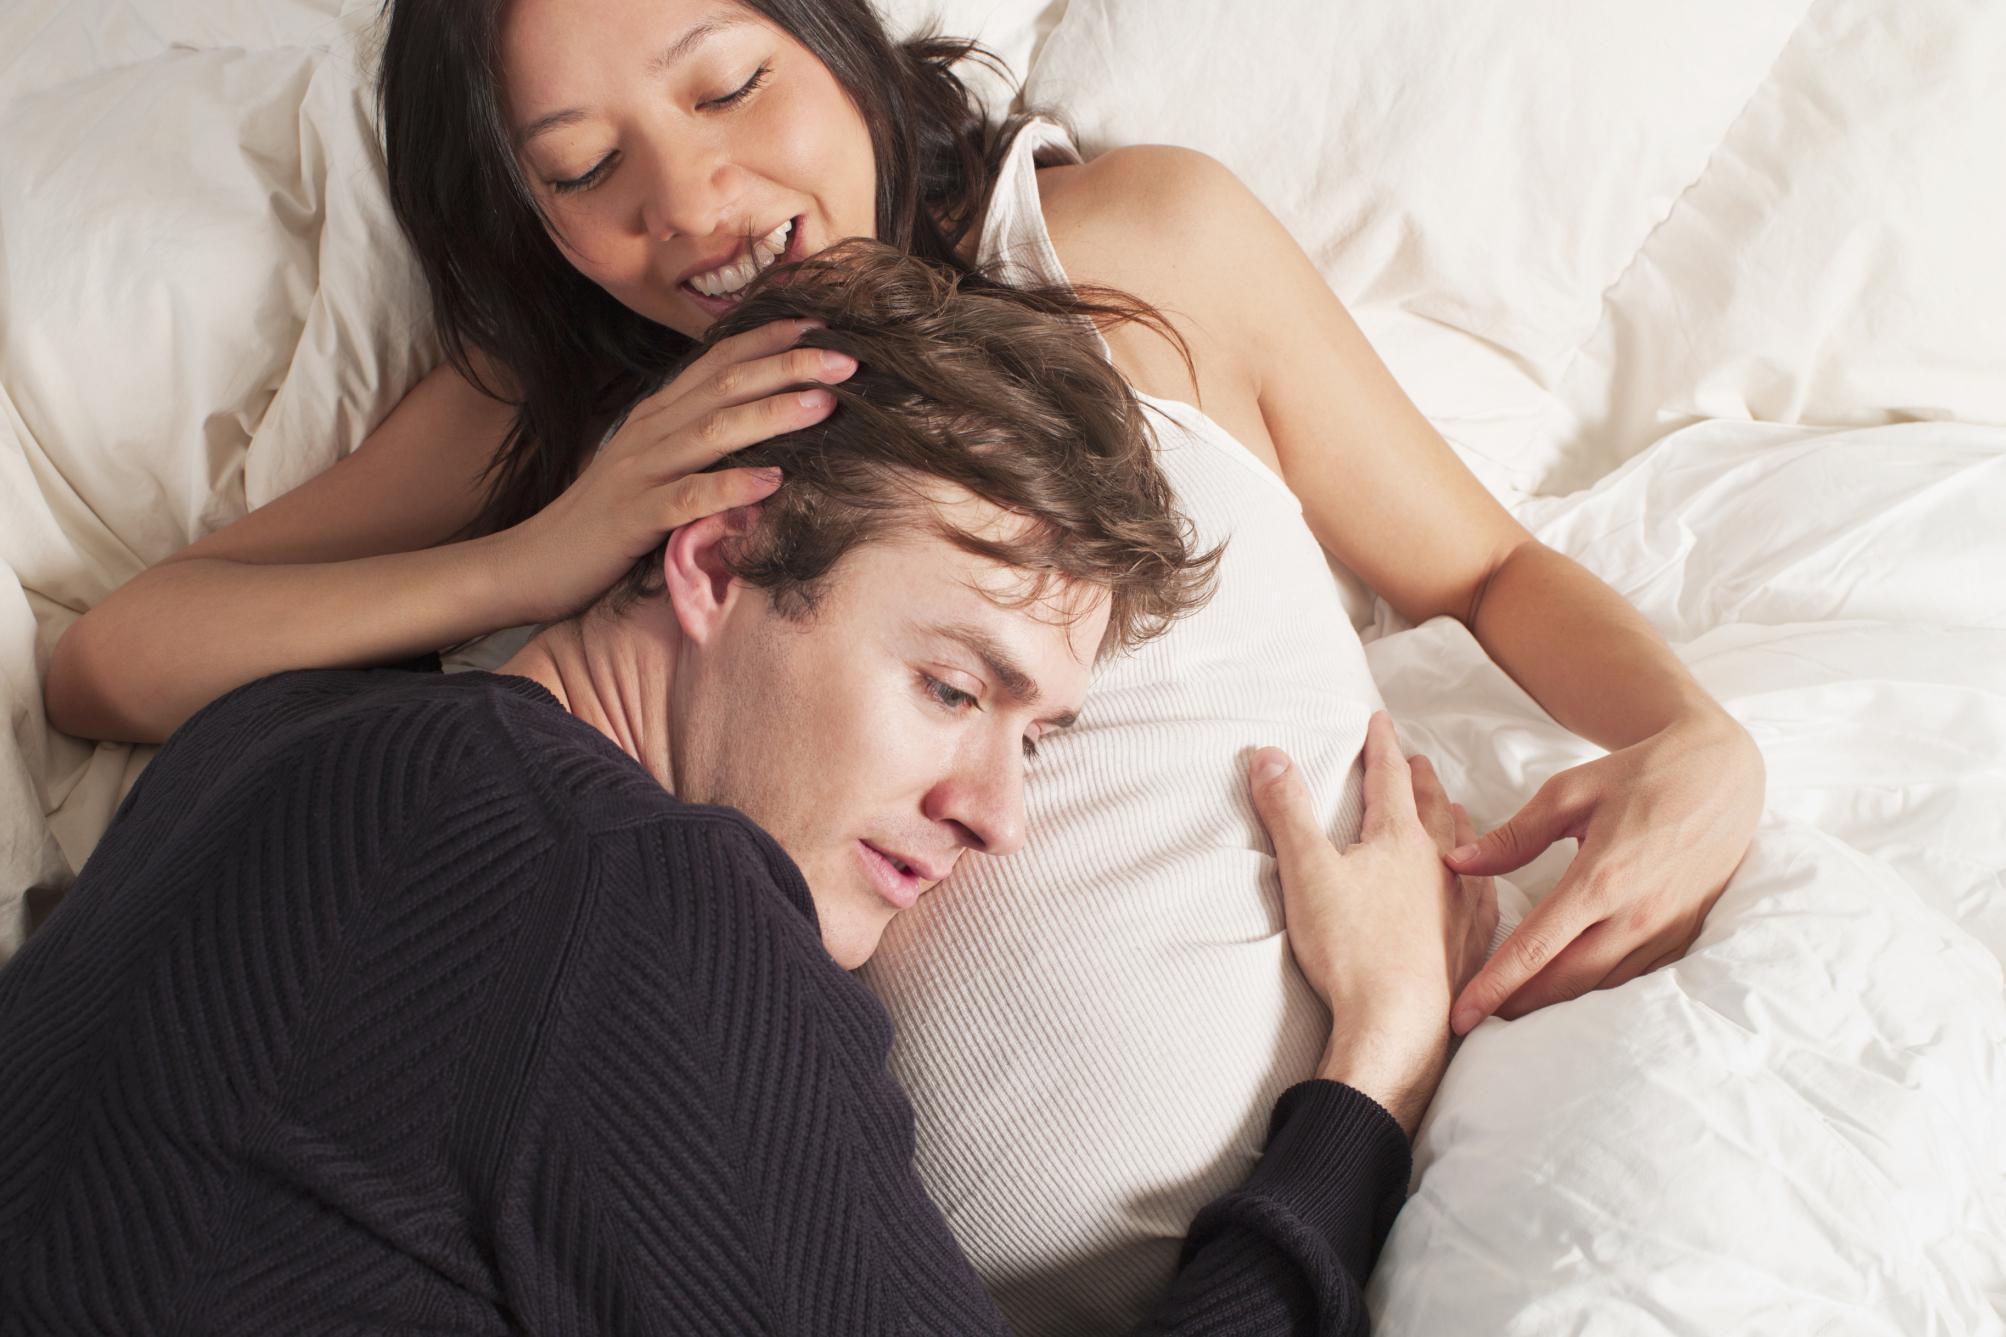 Vejledning til sex under graviditet og gravid orgasme-3090